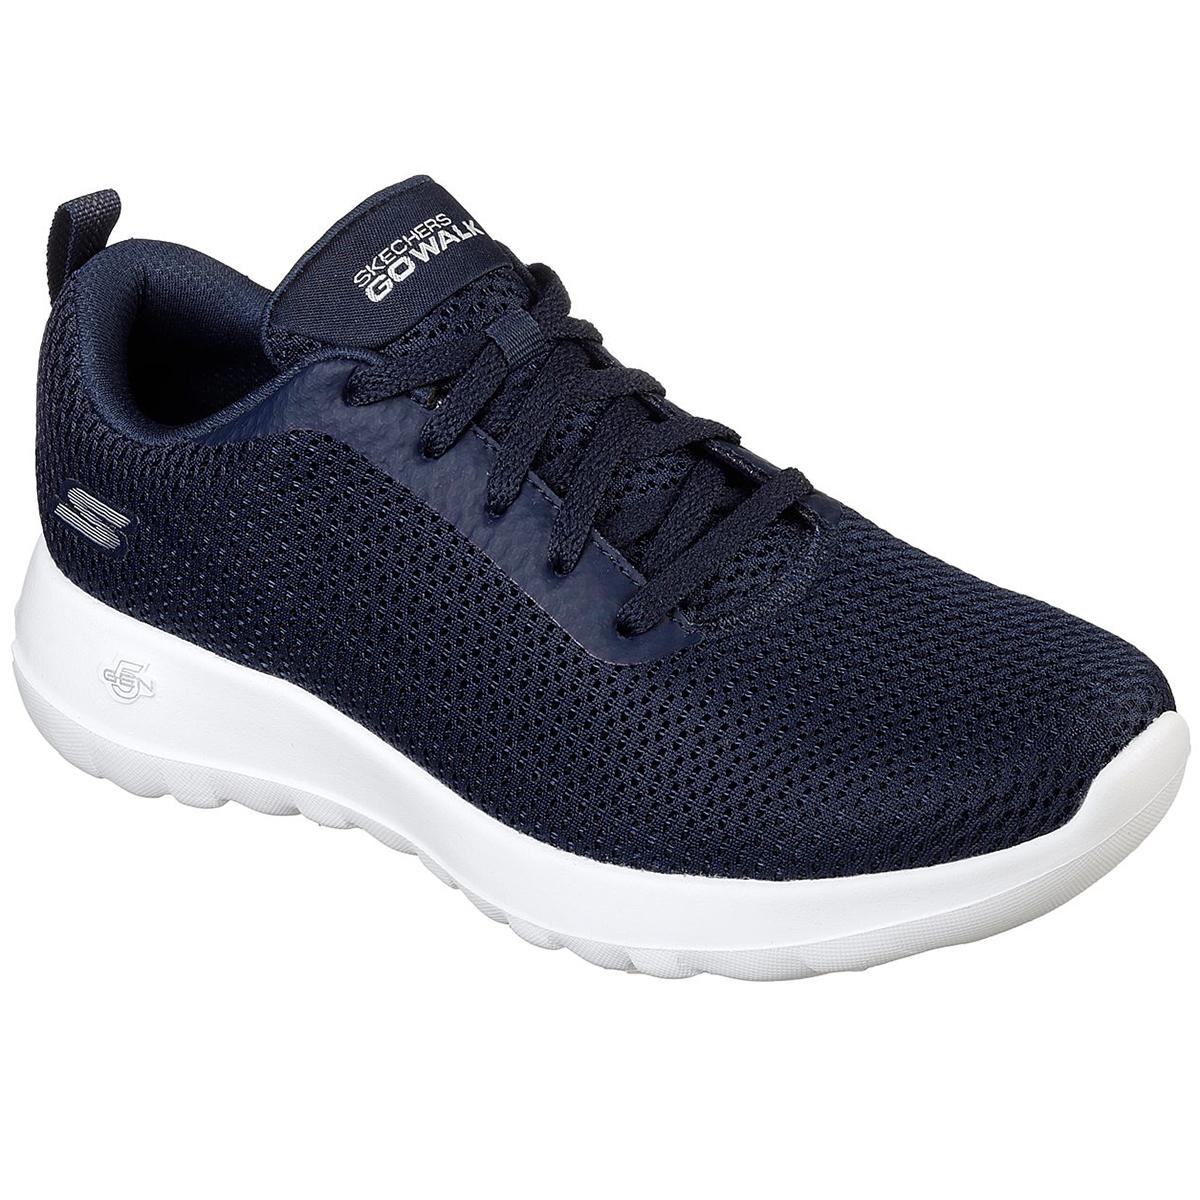 Skechers Women's Gowalk Joy Casual Shoes - Blue, 7